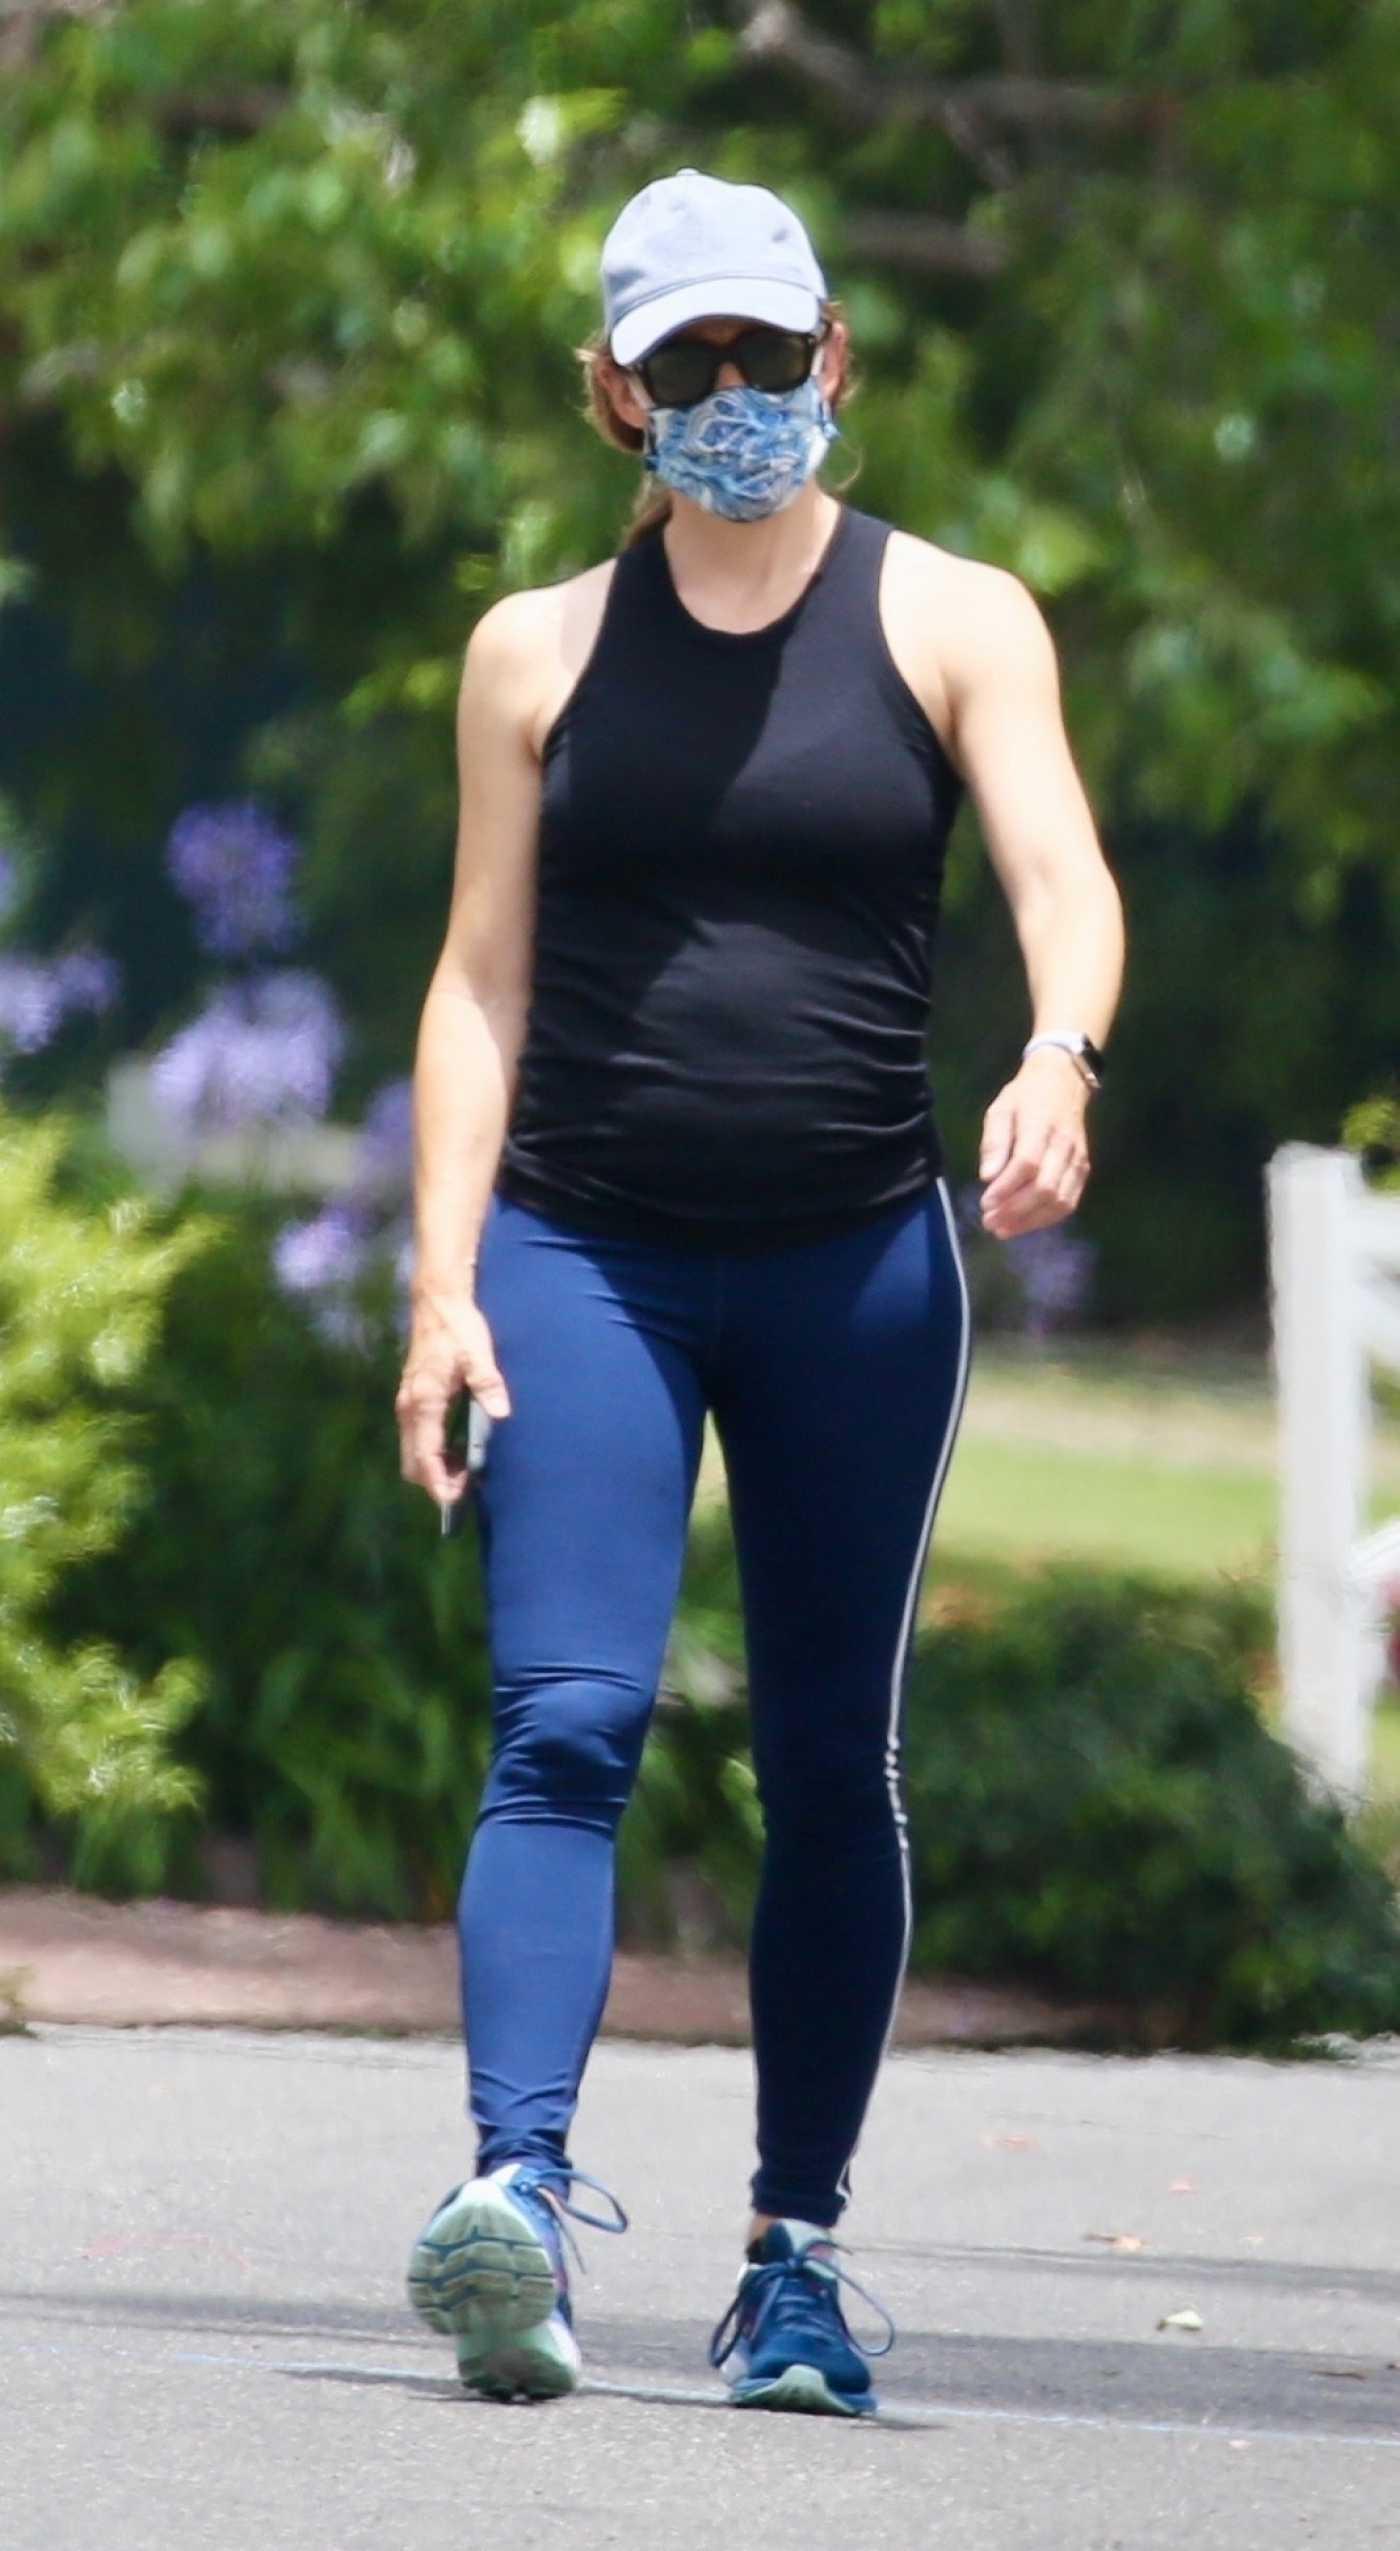 Jennifer Garner in a Black Tank Top Was Spotted on a Walk in Los Angeles 06/23/2020